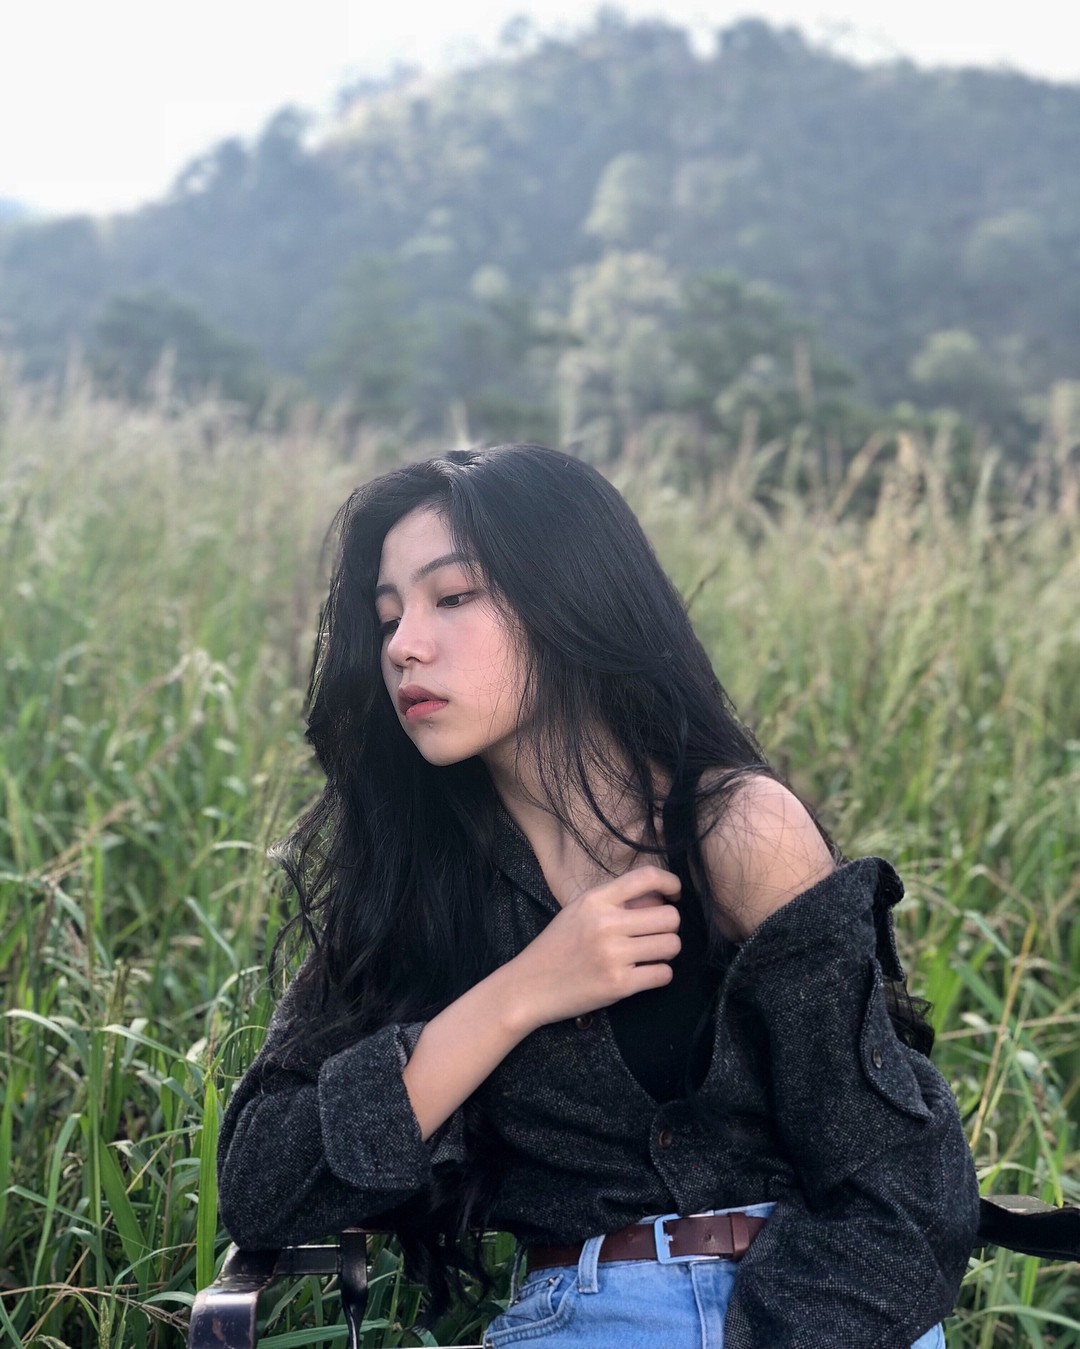 Cô bạn Đà Lạt với nhan sắc cuốn hút, hứa hẹn sẽ soán ngôi hot girl thế hệ mới - Ảnh 8.